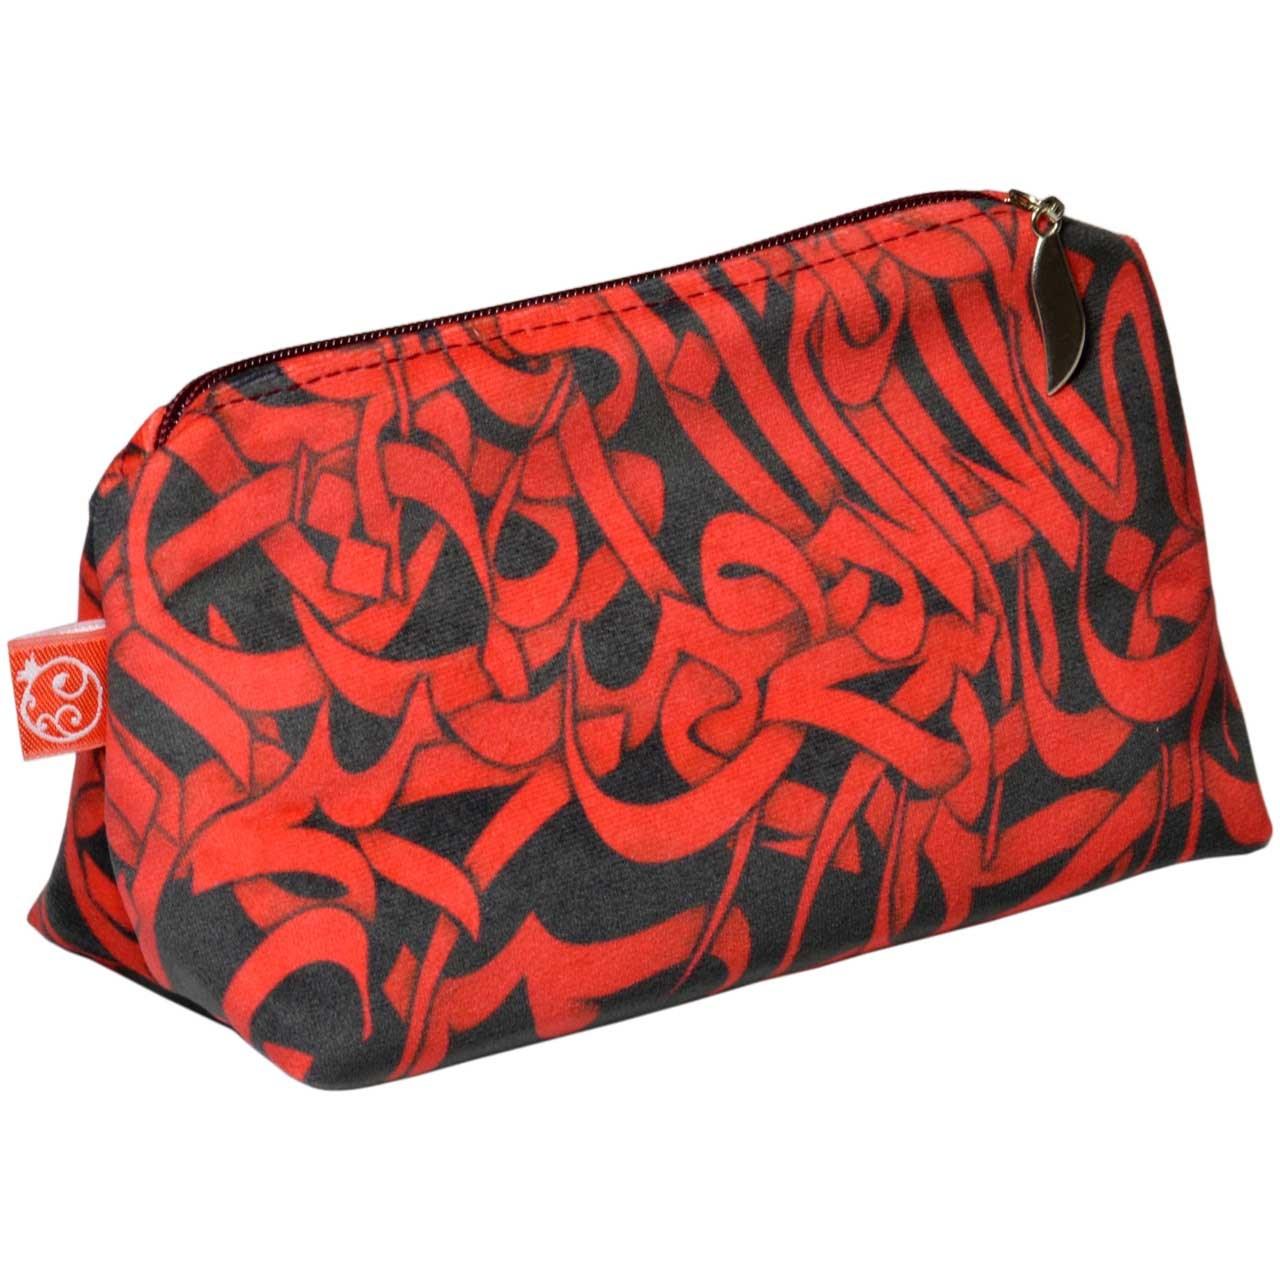 قیمت کیف لوازم آرایش کد CB018